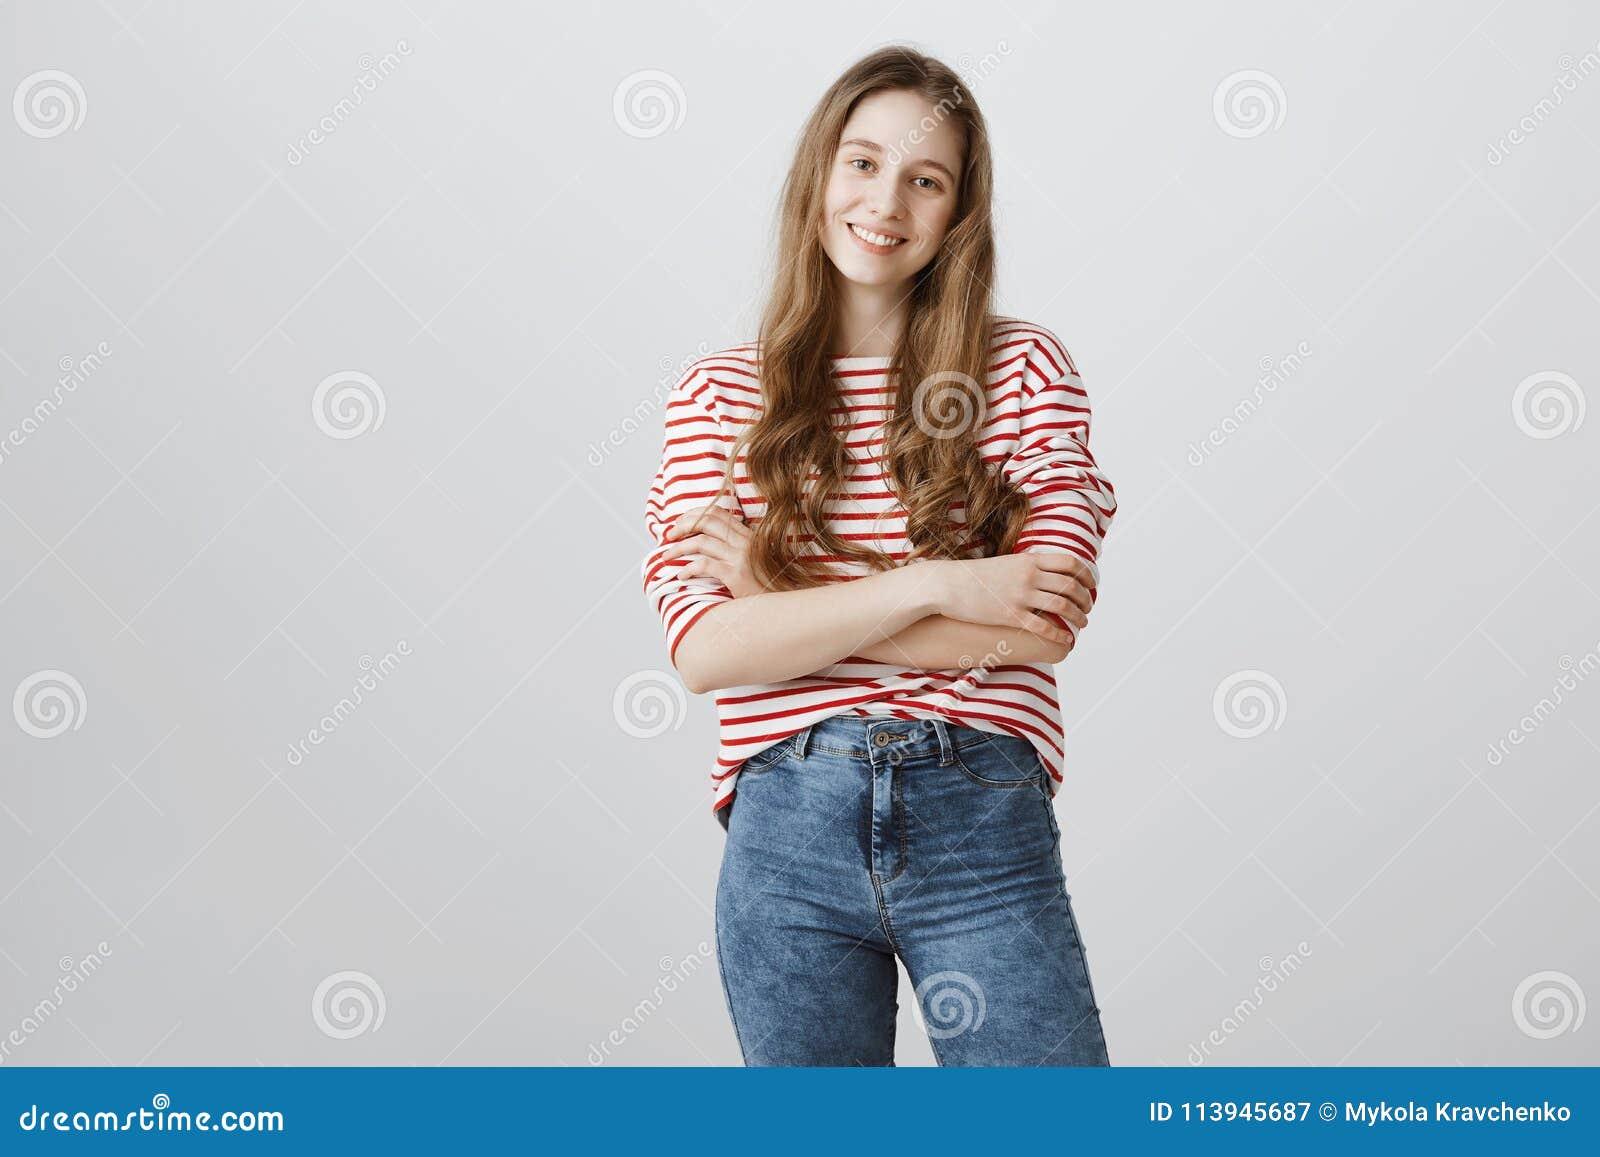 Она молода но уже само-конечно Студия сняла уверенно красивого девочка-подростка при белокурые волосы стоя с